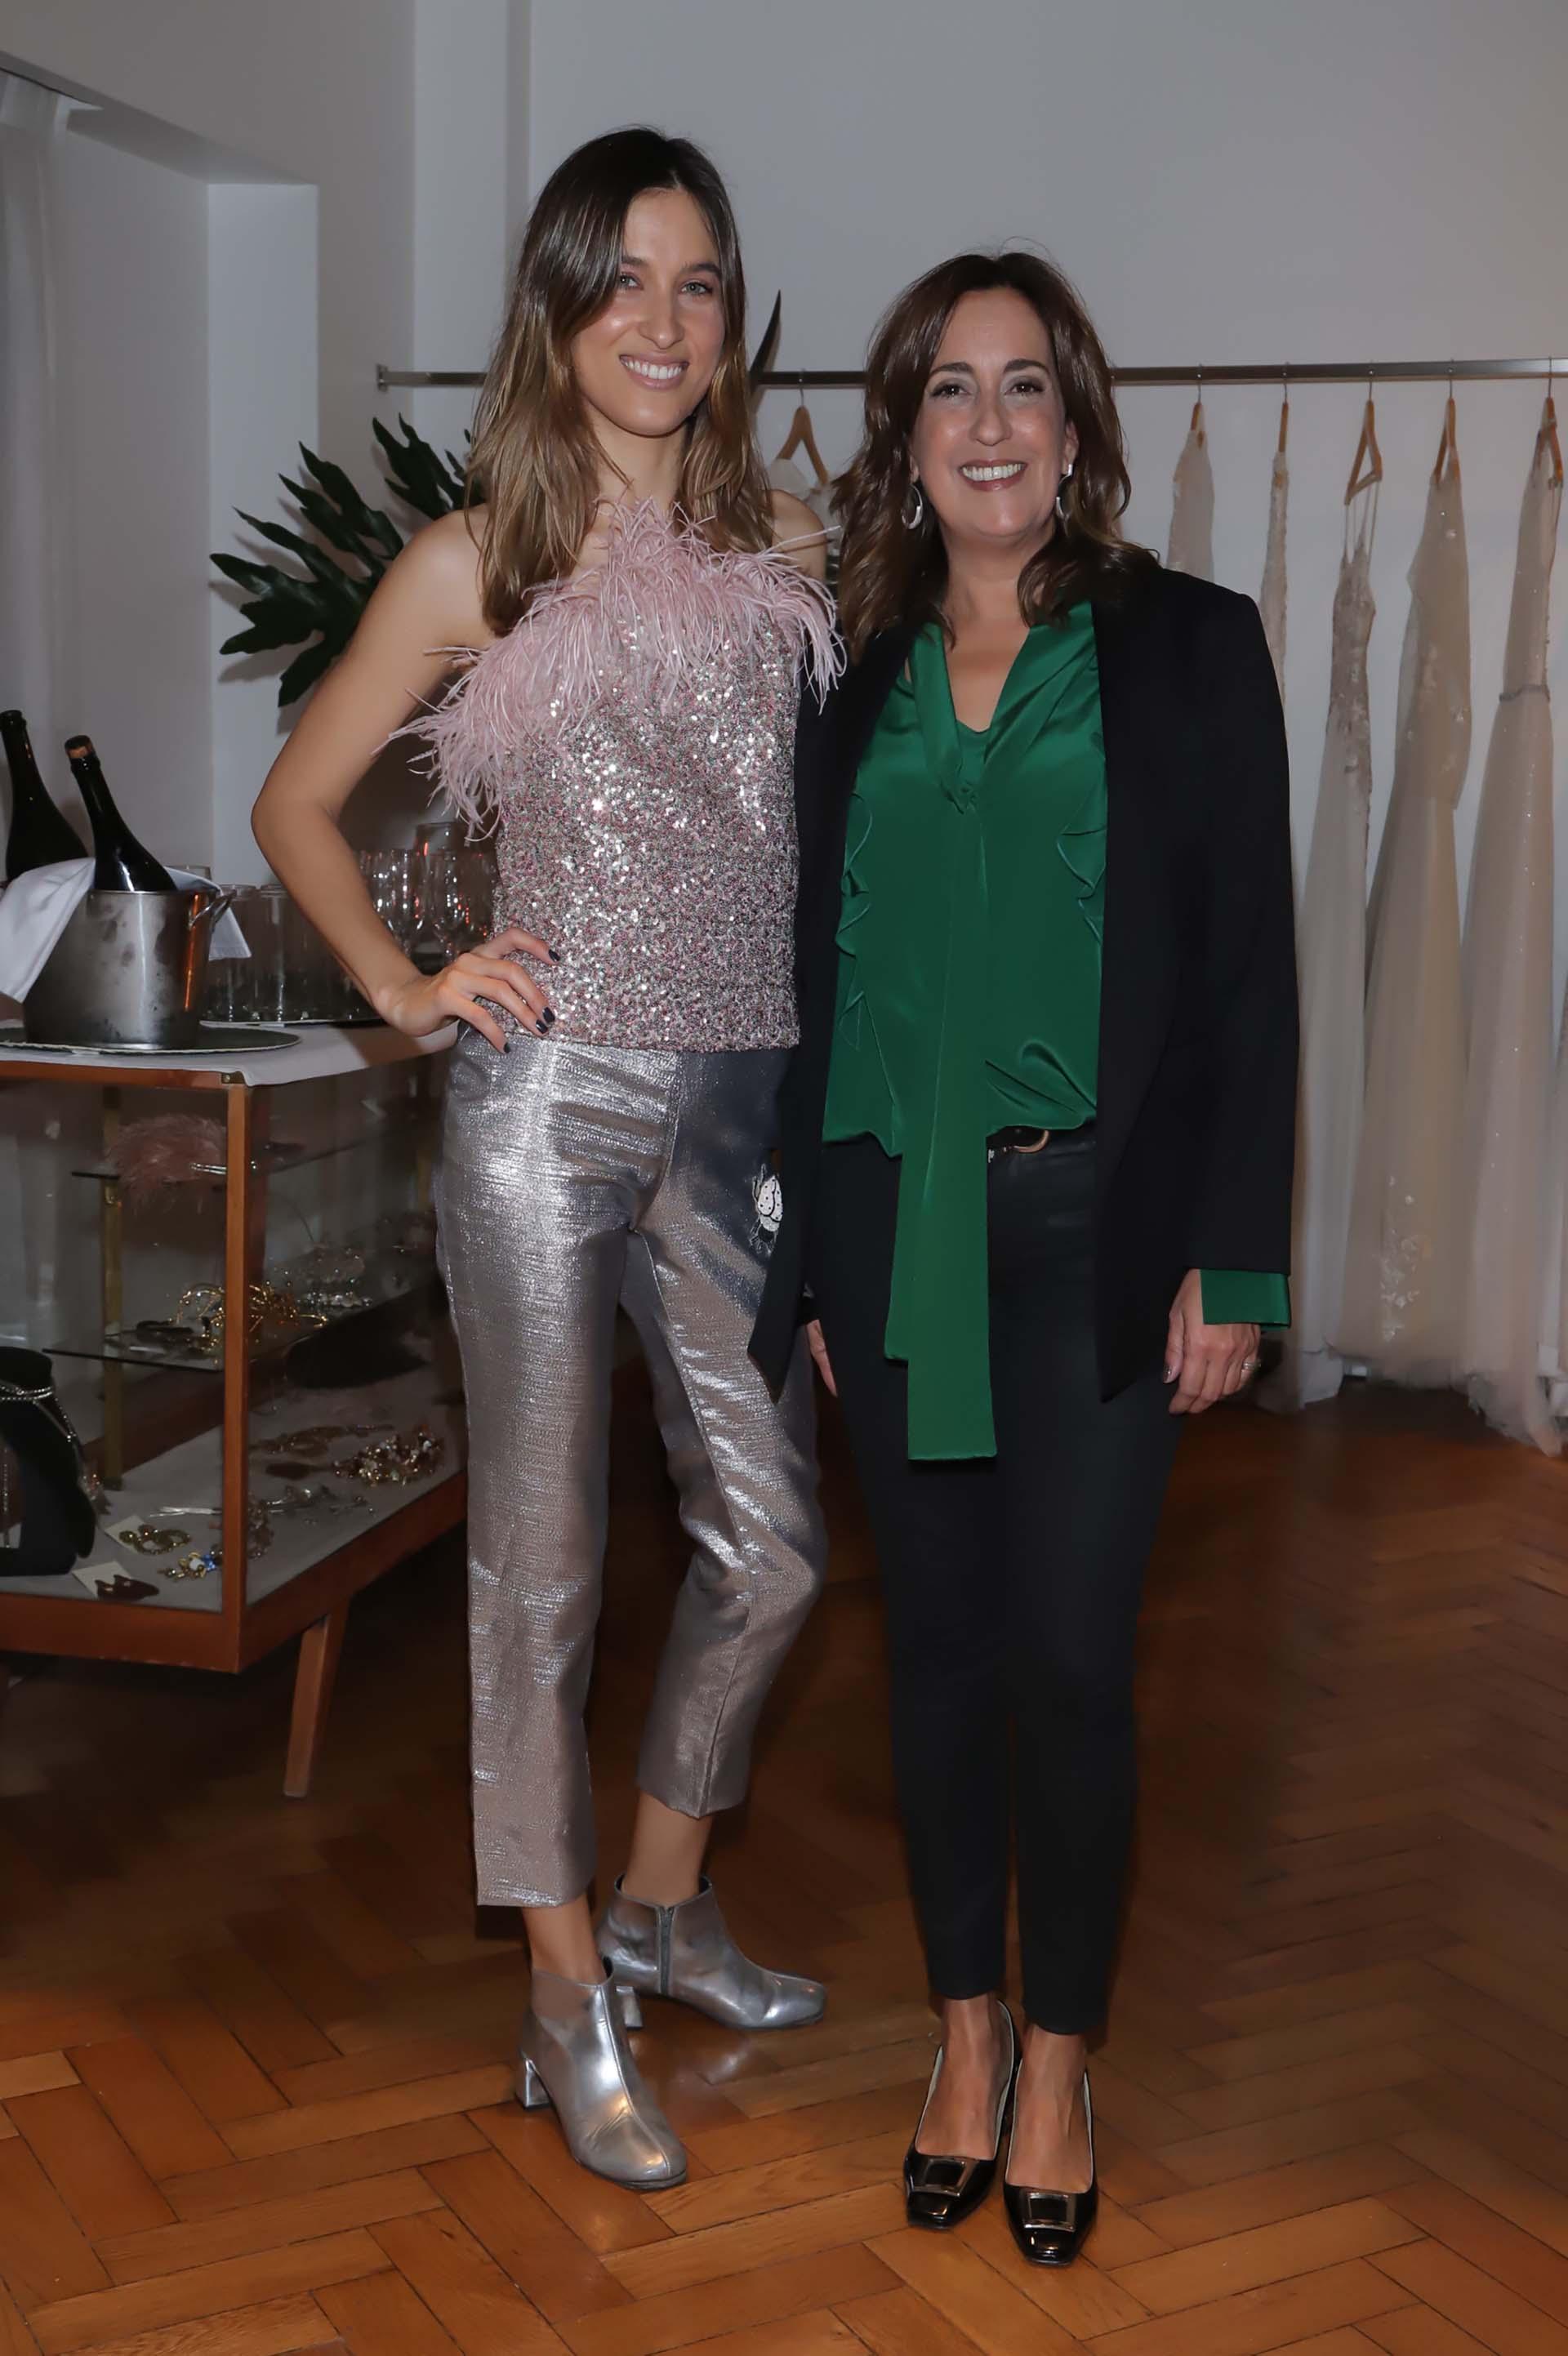 La DJ y modelo, Cintia Garrido, fue la encargada de la musicalización de la noche